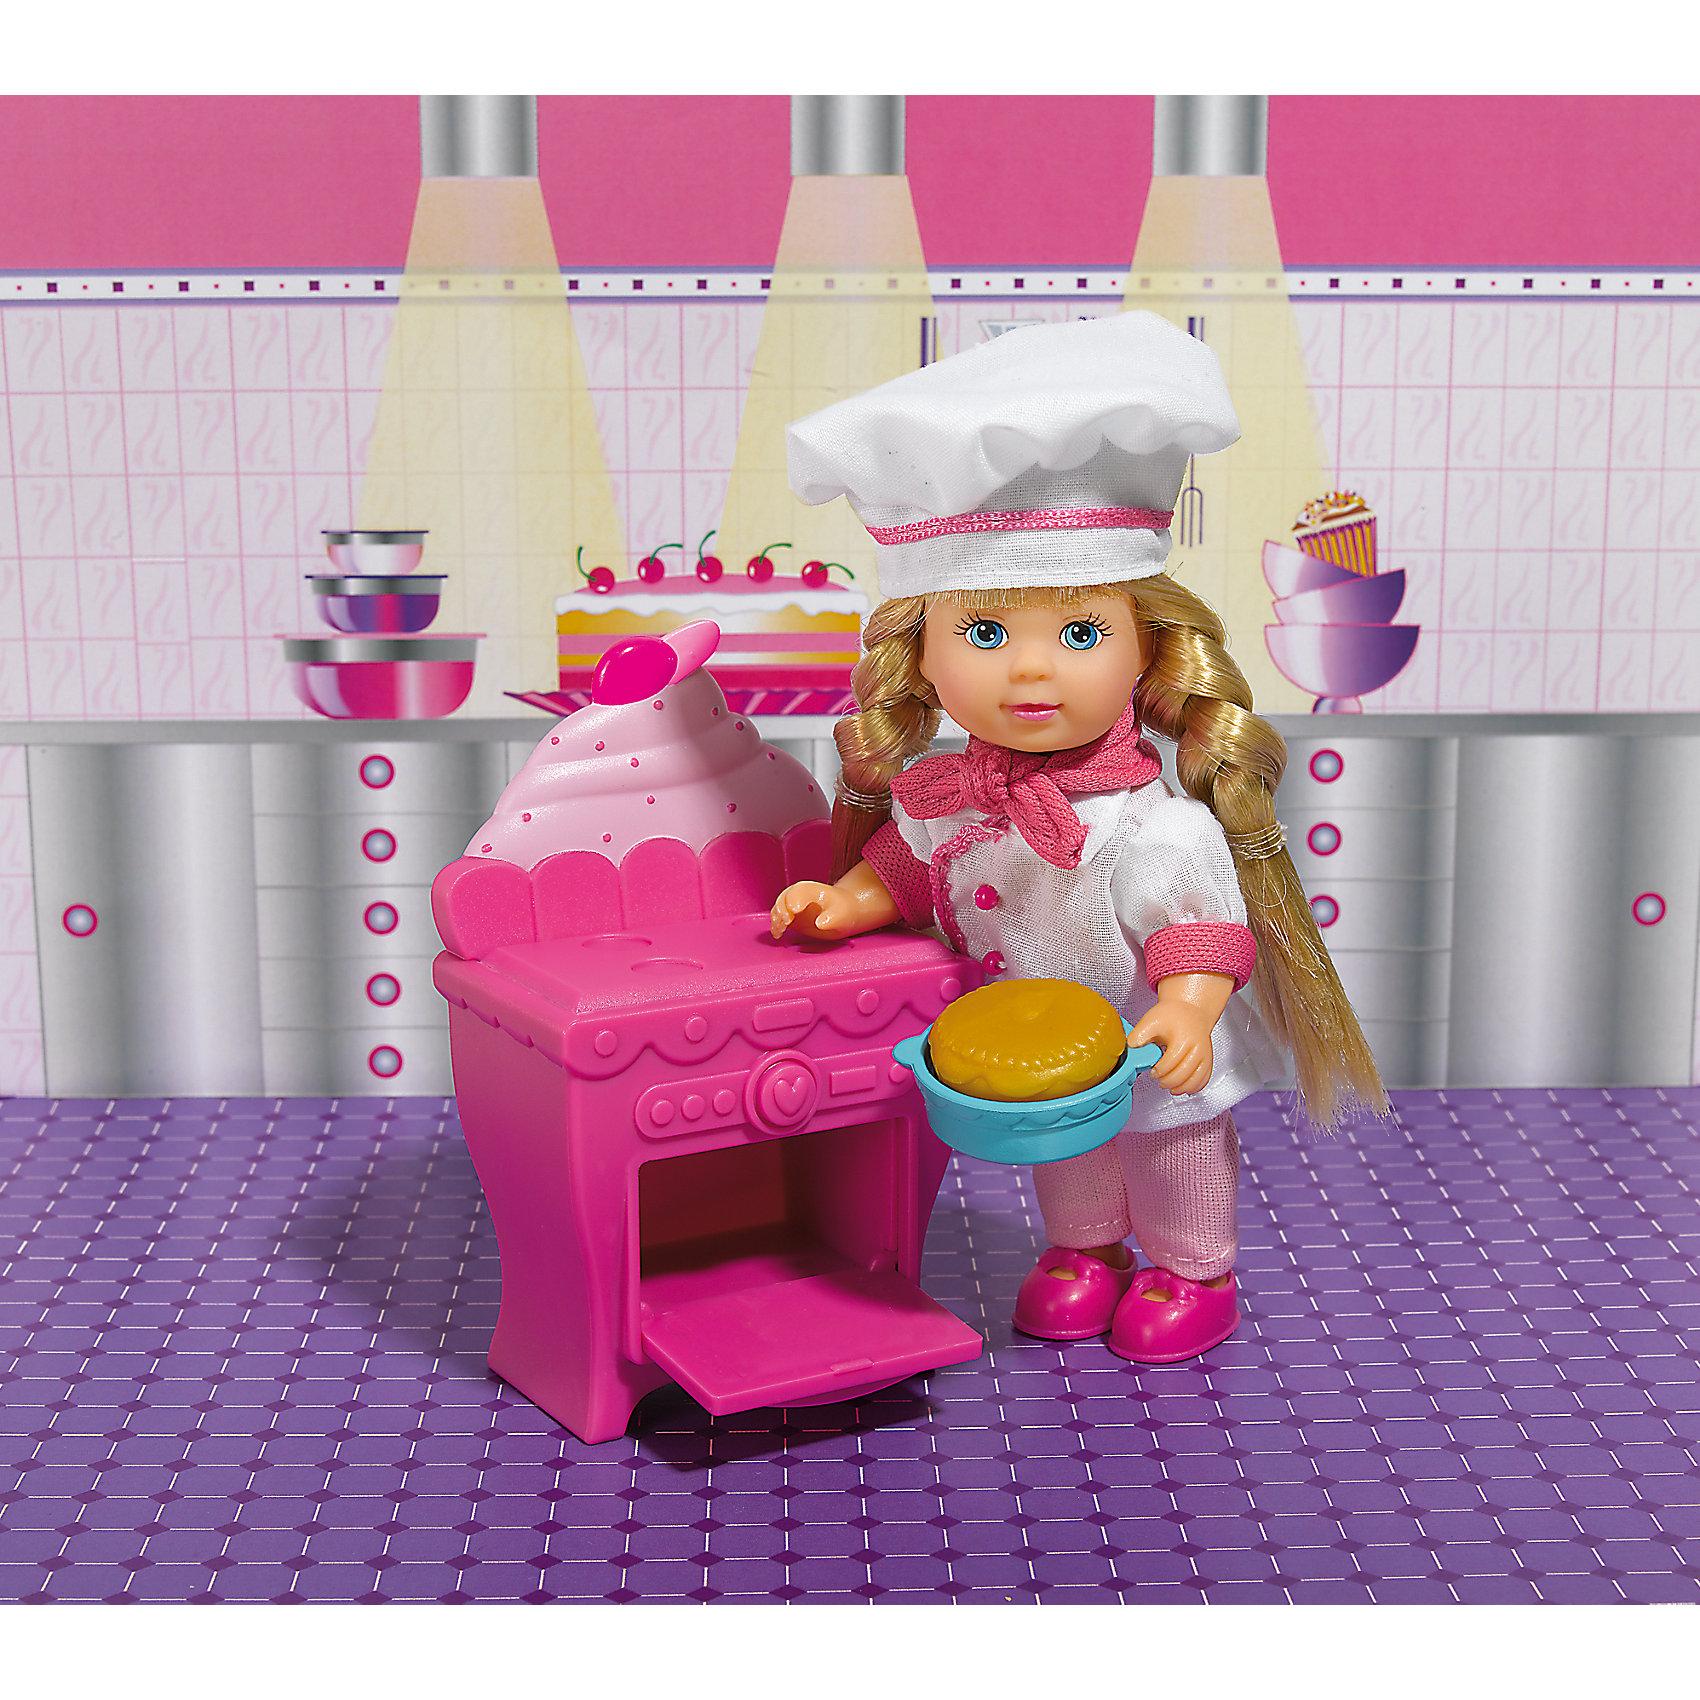 Кукла Еви печет торт, SimbaSteffi и Evi Love<br>Характеристики товара:<br><br>- цвет: разноцветный;<br>- материал: пластик;<br>- возраст: от трех лет;<br>- комплектация: кукла, одежда, мебель, аксессуары;<br>- высота куклы: 12 см.<br><br>Эта симпатичная кукла Еви от известного бренда приводит детей в восторг! Какая девочка сможет отказаться поиграть с куклами, которые дополнены набором в виде кухни и предметами для неё?! В набор входят аксессуары и предметы мебели для игр с куклой. Игрушка очень качественно выполнена, поэтому она станет замечательным подарком ребенку. <br>Продается набор в красивой удобной упаковке. Изделие произведено из высококачественного материала, безопасного для детей.<br><br>Куклу Еви печет торт от бренда Simba можно купить в нашем интернет-магазине.<br><br>Ширина мм: 120<br>Глубина мм: 160<br>Высота мм: 50<br>Вес г: 140<br>Возраст от месяцев: 36<br>Возраст до месяцев: 120<br>Пол: Женский<br>Возраст: Детский<br>SKU: 5119521